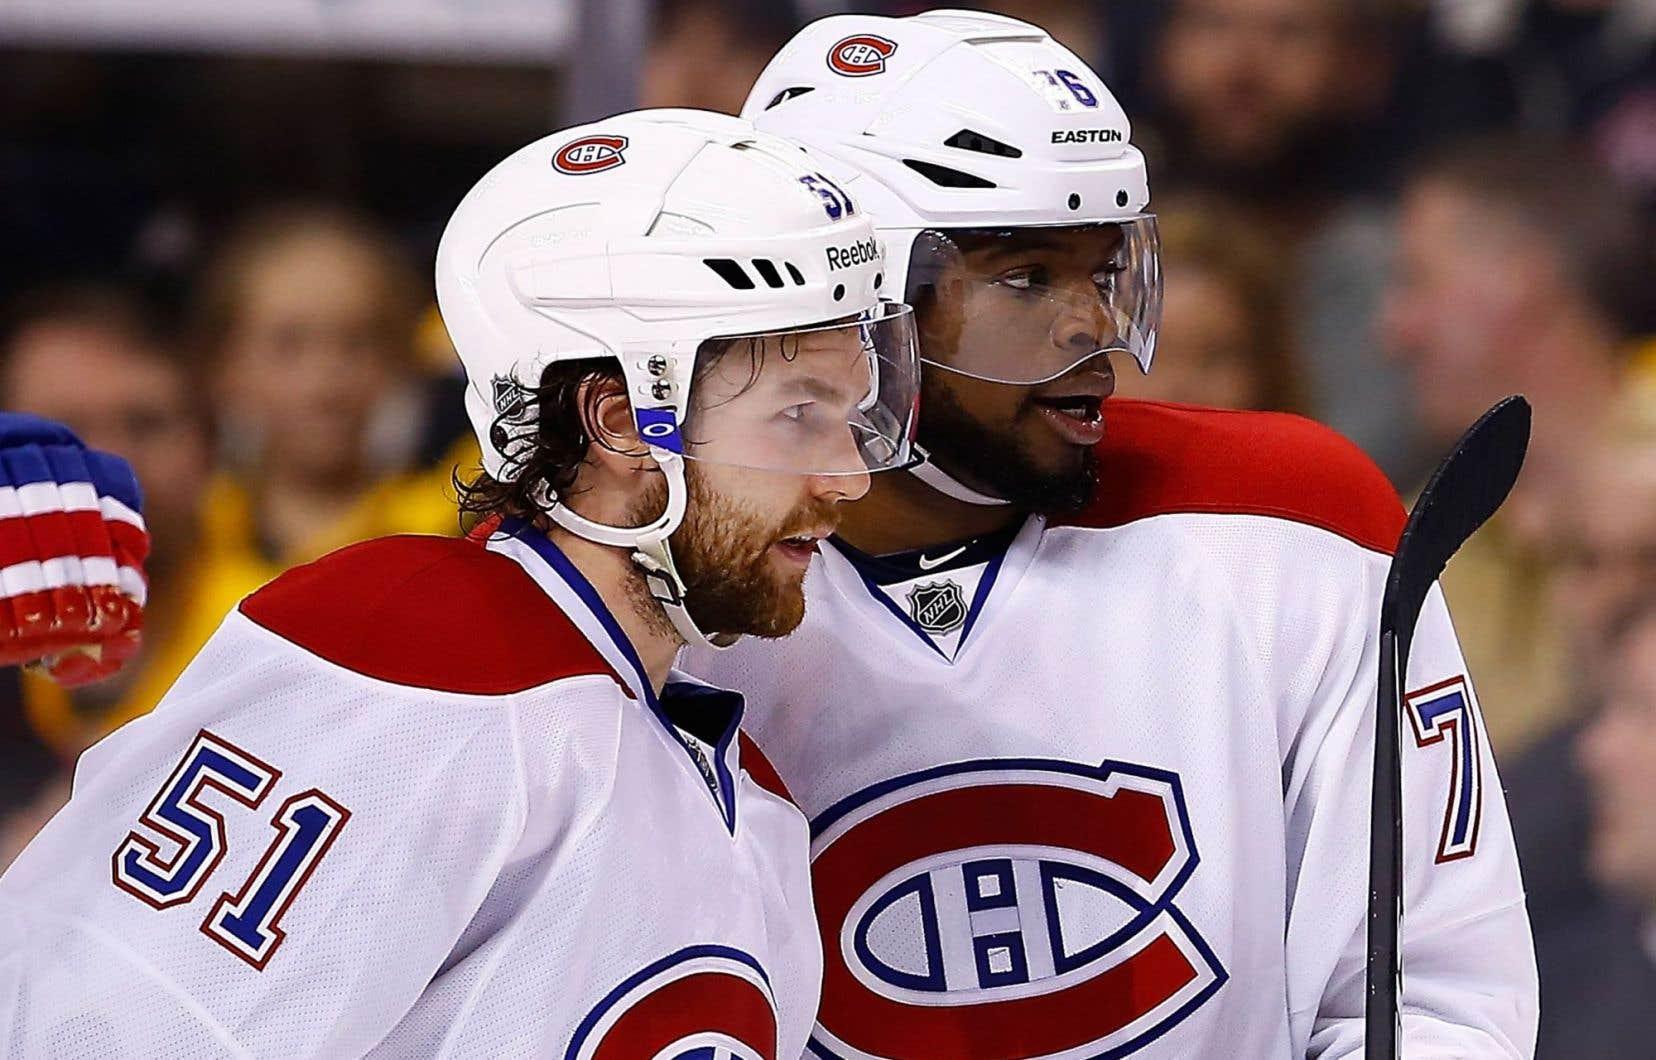 Deux joueurs de l'alignement régulier, P.K. Subban et David Desharnais, s'apprêtent à revenir au jeu.